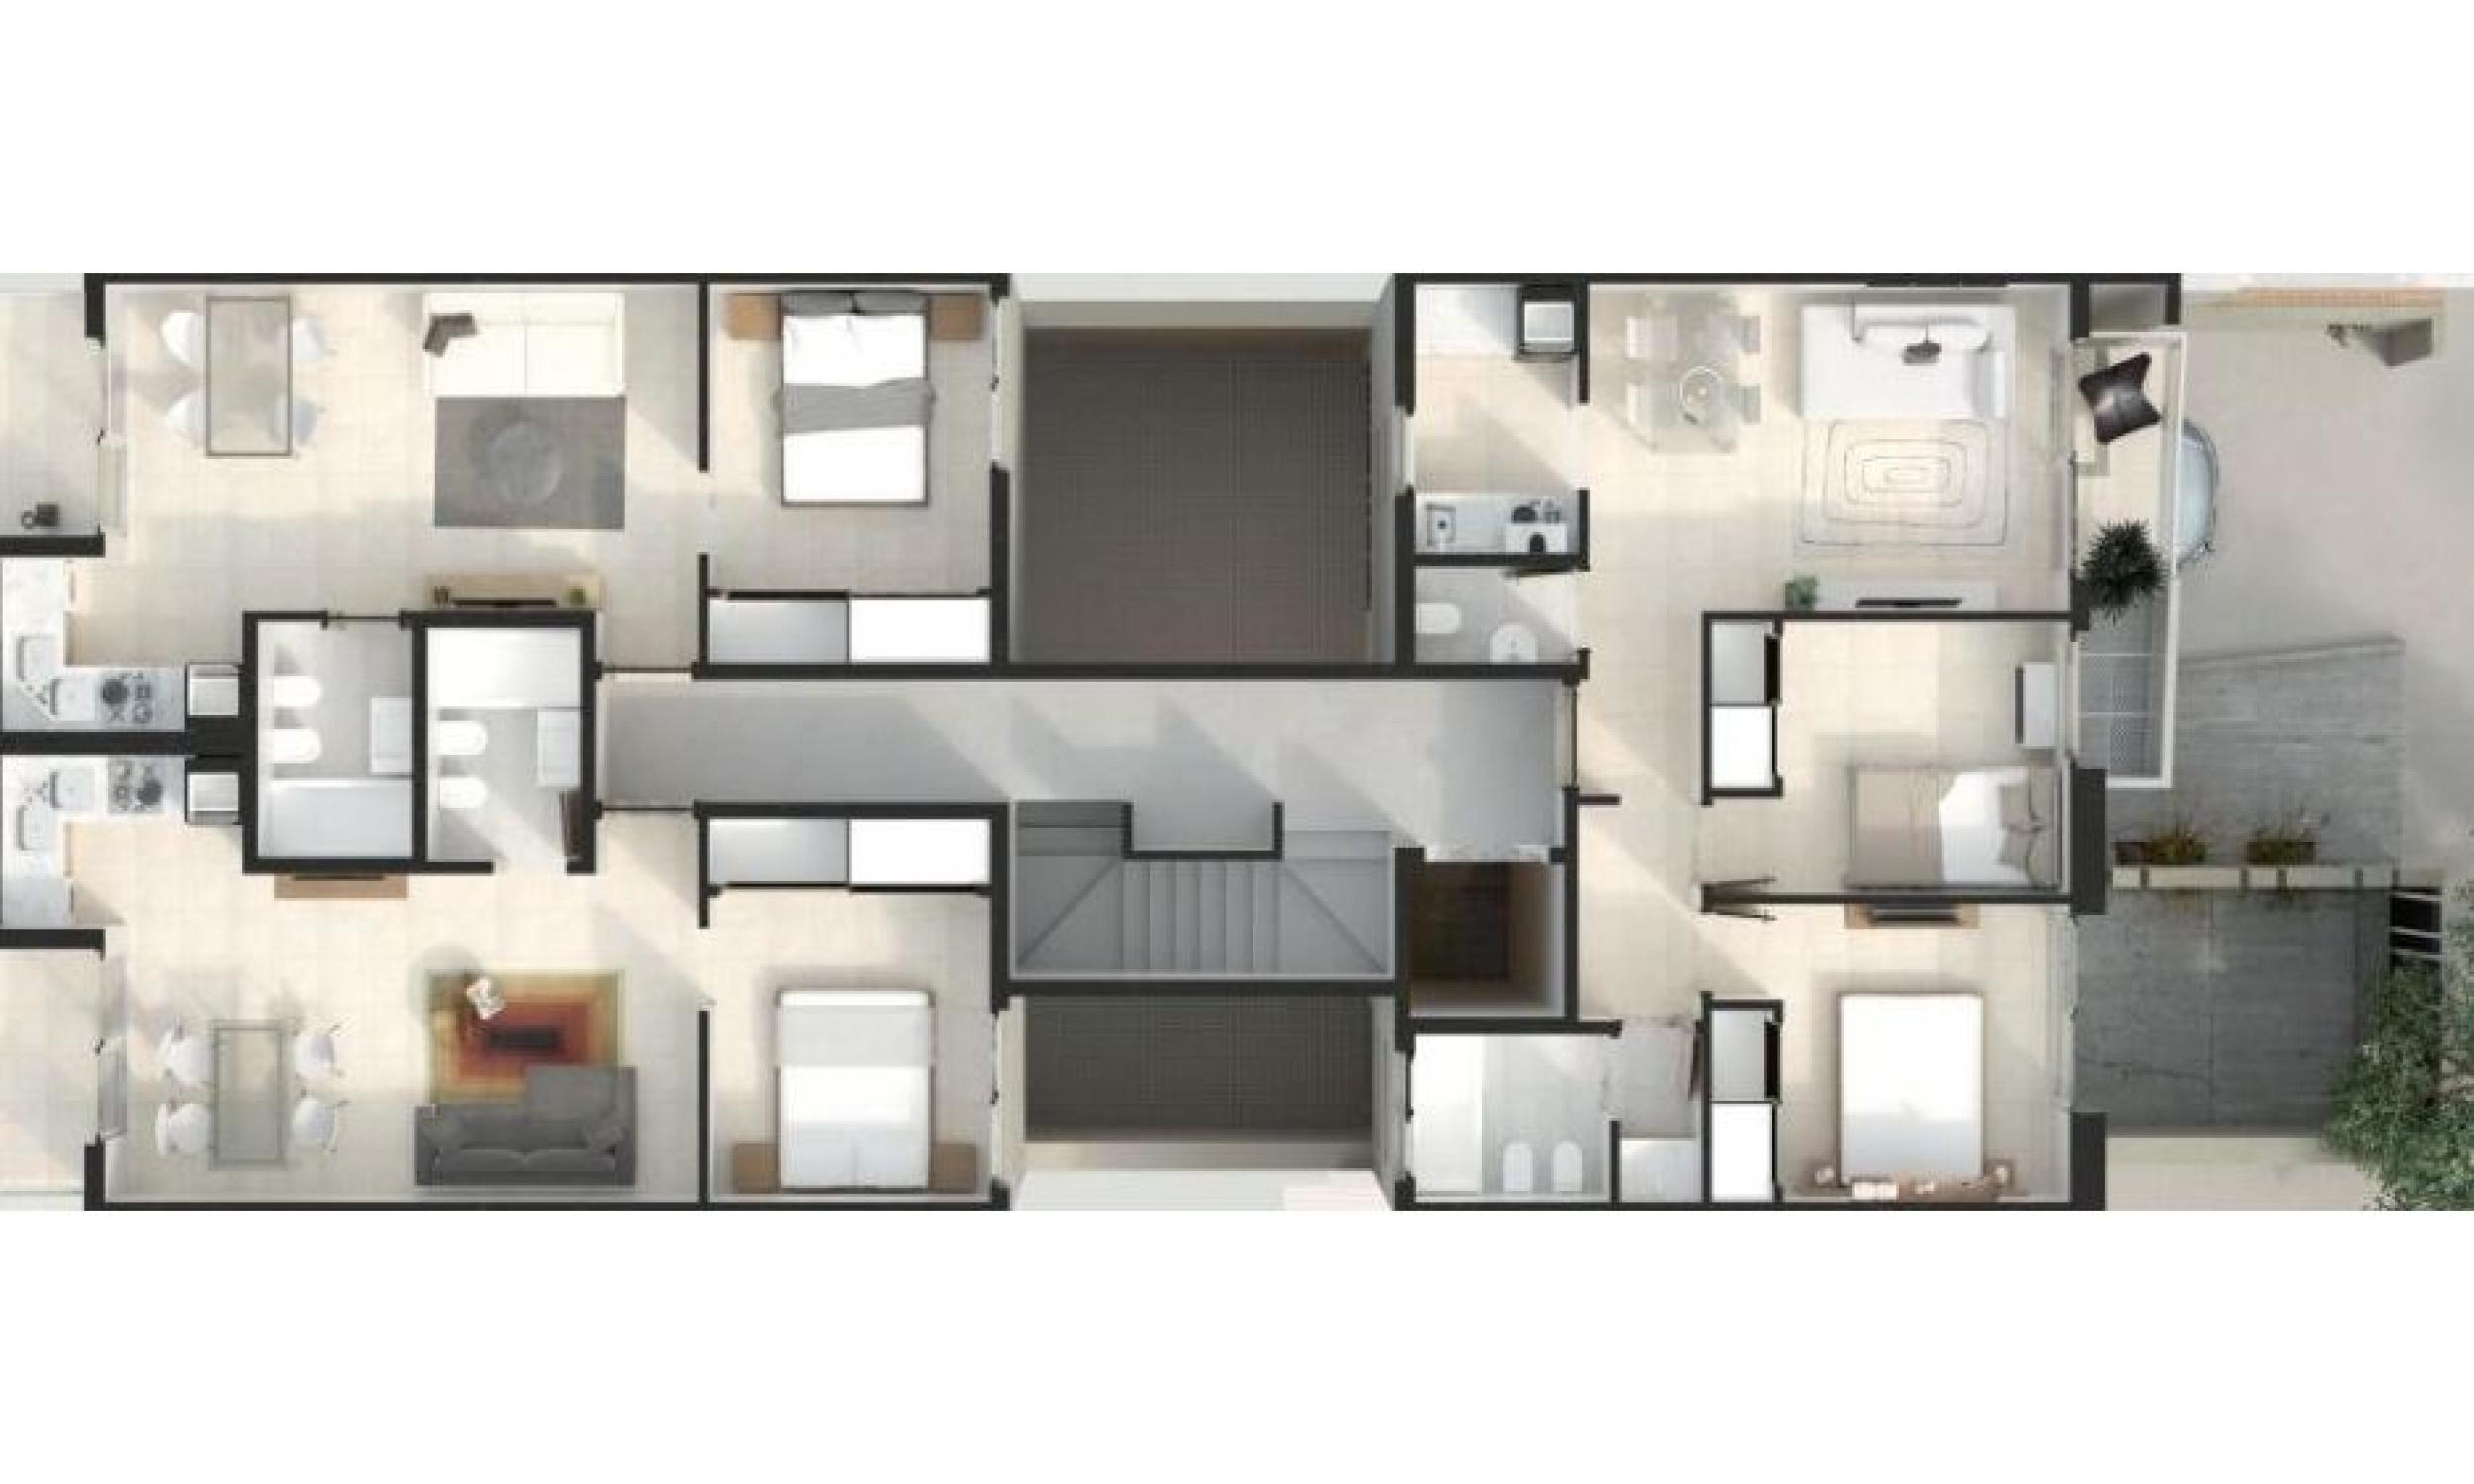 Pío Díaz 700,Villa Saenz Peña,Buenos Aires,Argentina,1 Dormitorio Bedrooms,2 Rooms Rooms,1 BañoBathrooms,Departamento,Pío Díaz ,1181